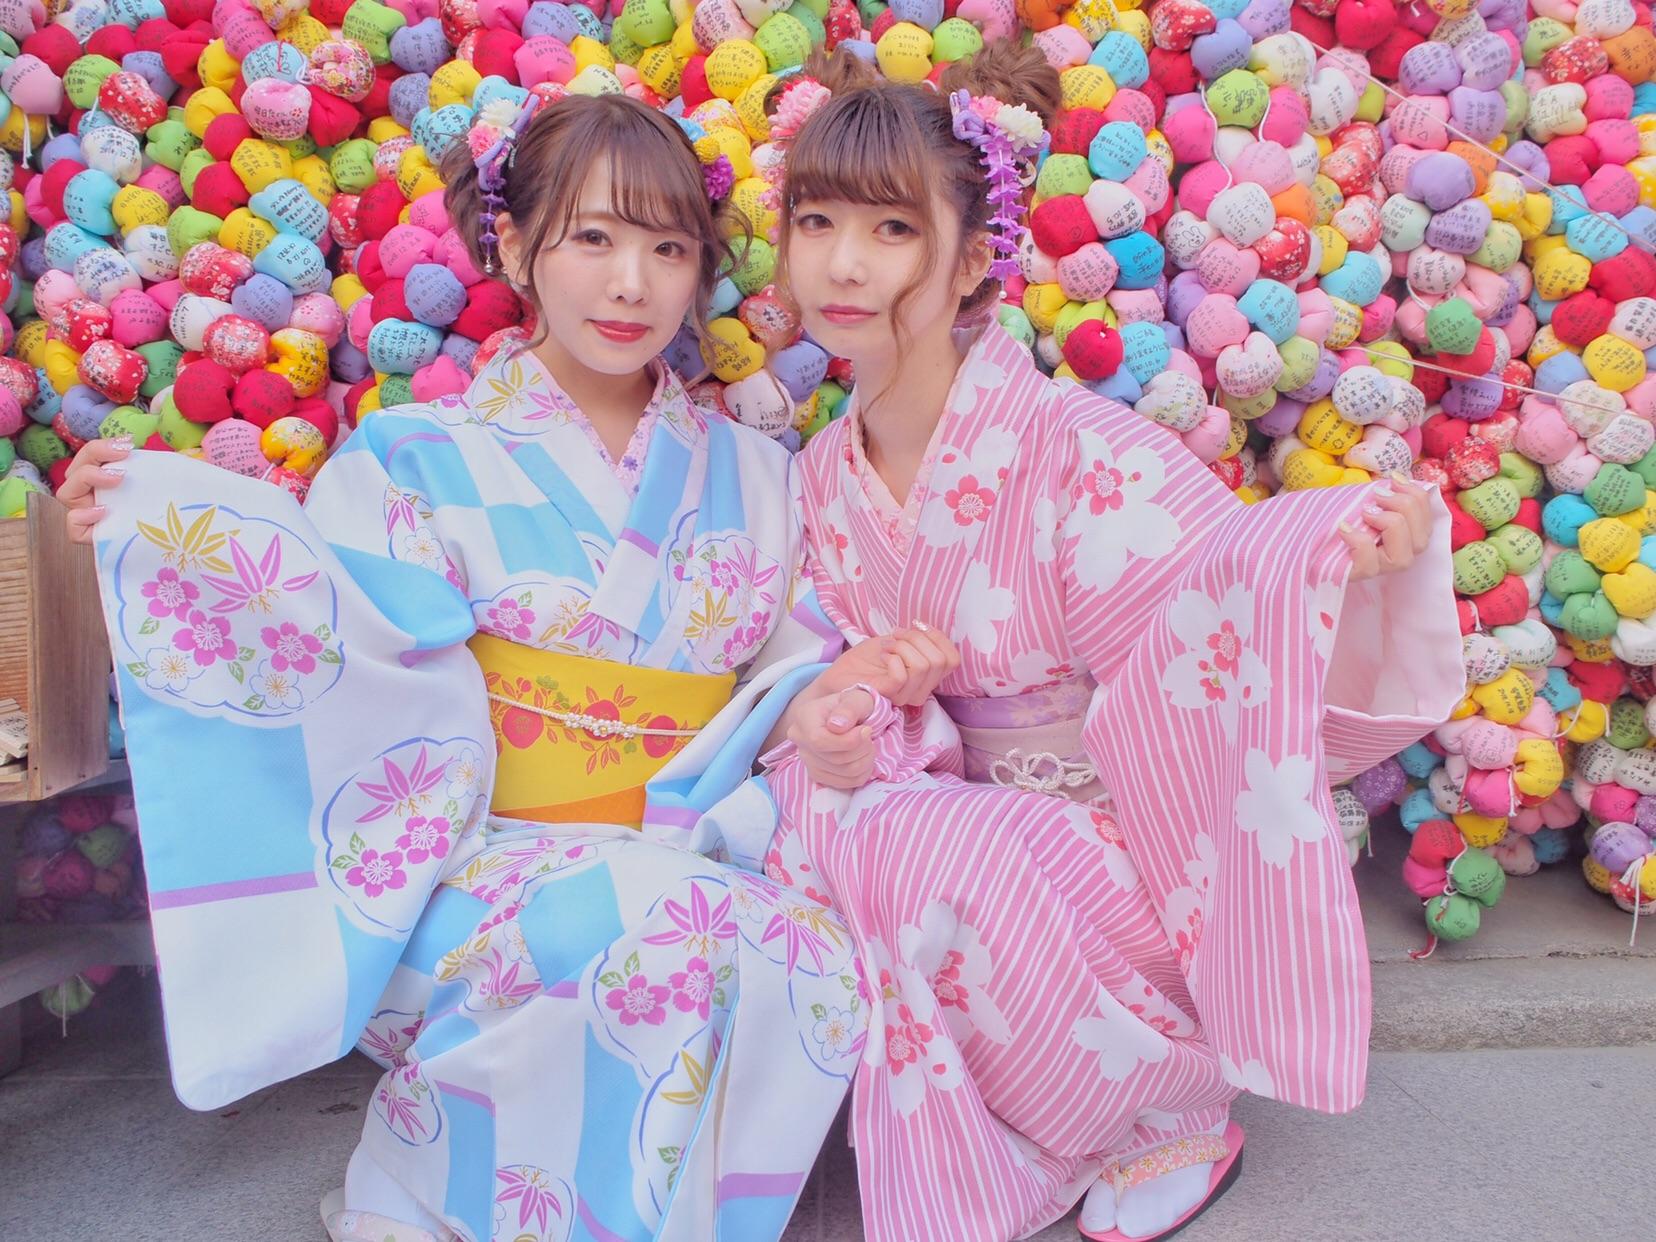 京都で着物・浴衣レンタルなら、人と差がつく可愛さの 『京都祇園屋』と『梨花和服』がおすすめ! シルバーウィークの京都女子旅にも♪_8